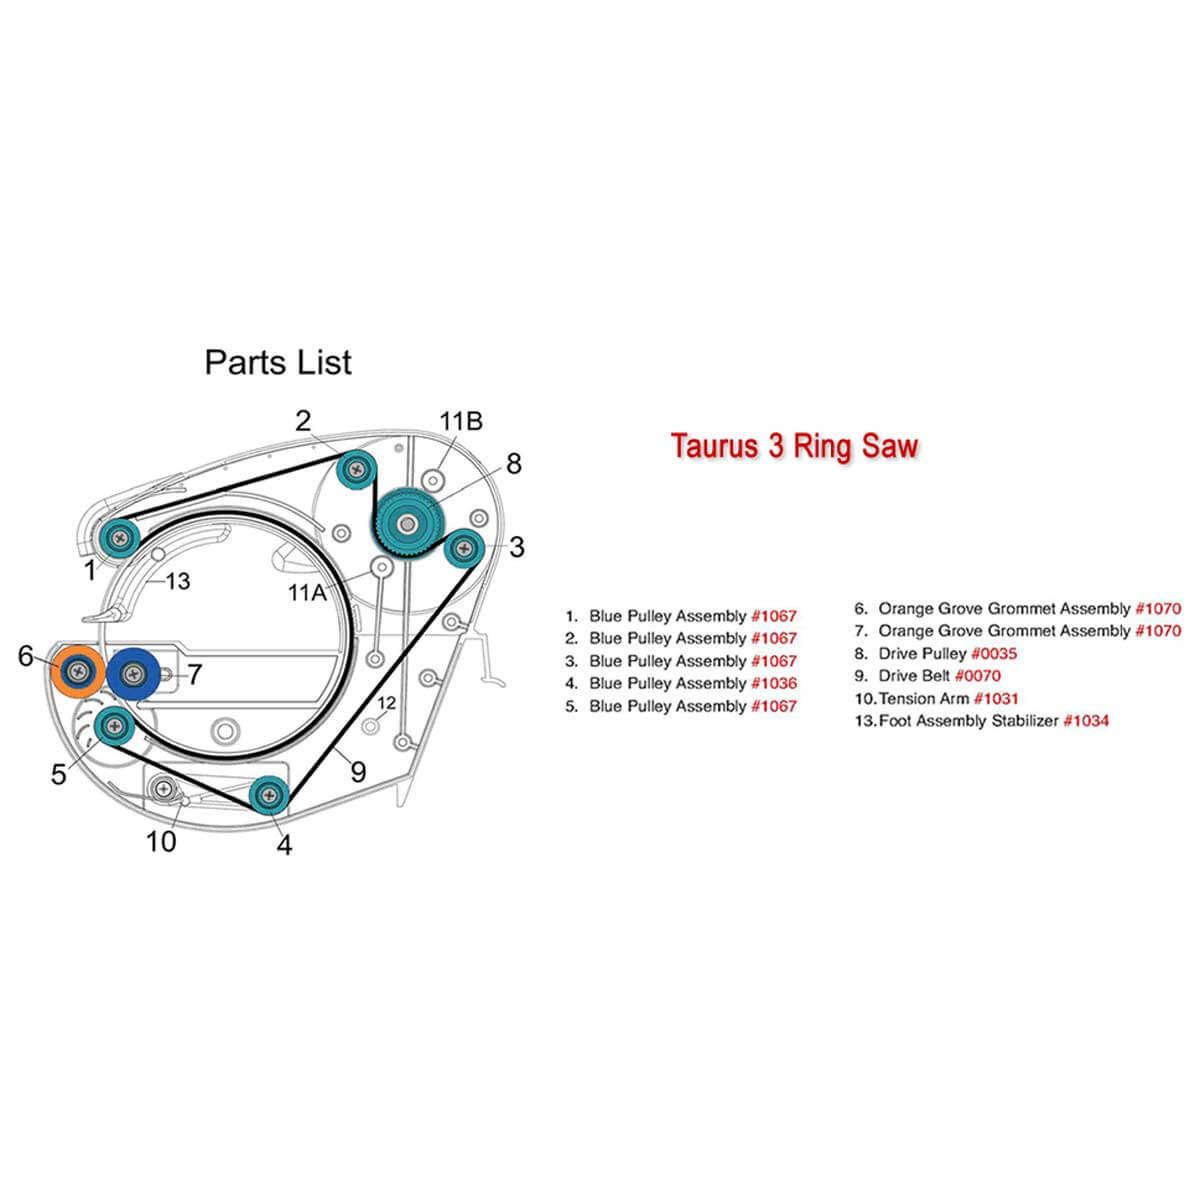 Gemini Taurus 3 spare parts list